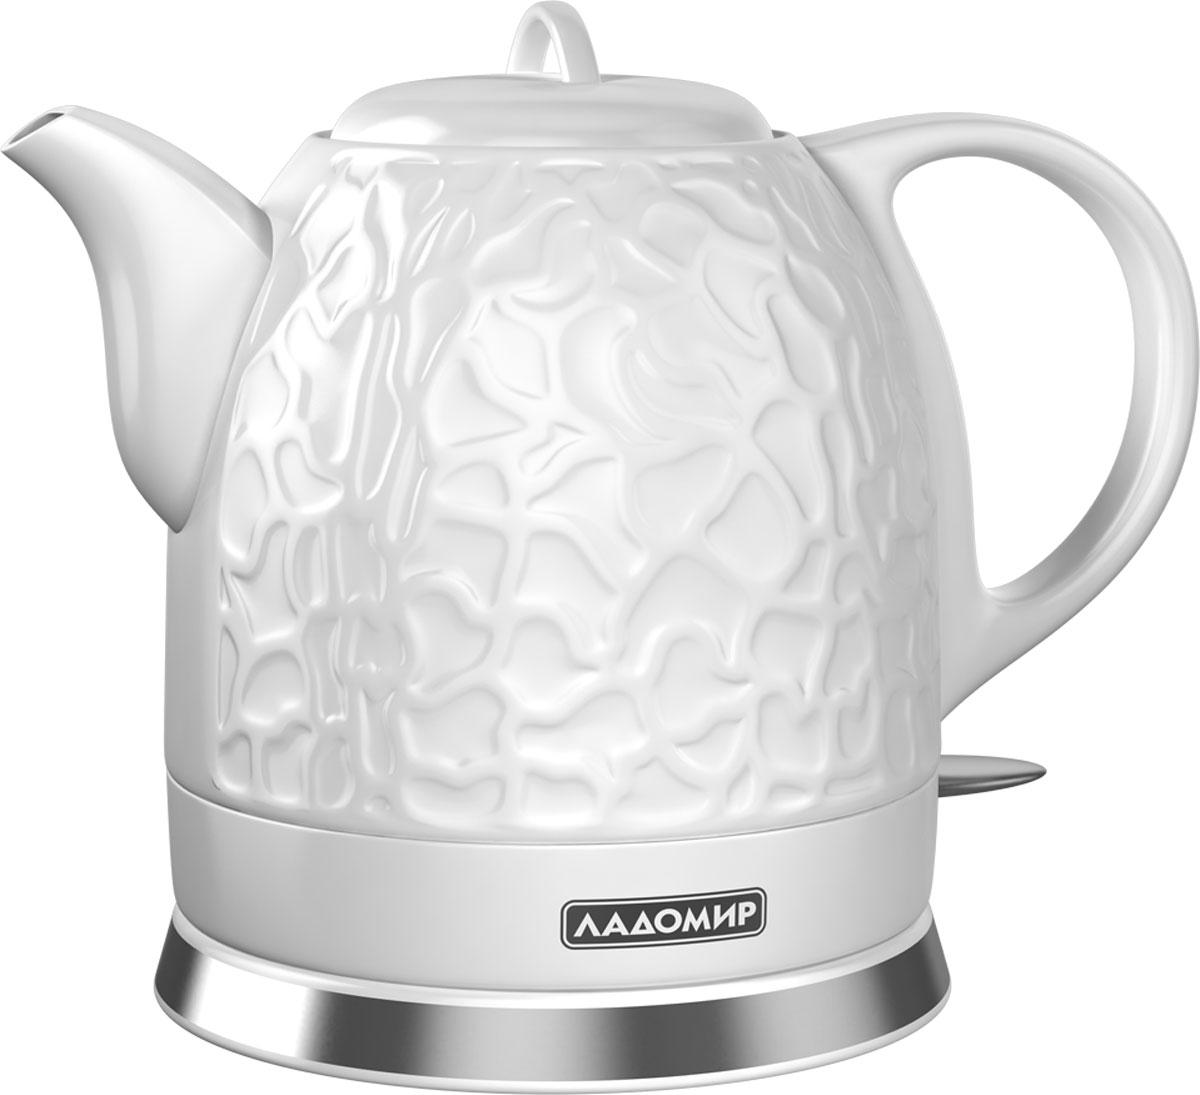 лучшая цена Ладомир 140 чайник